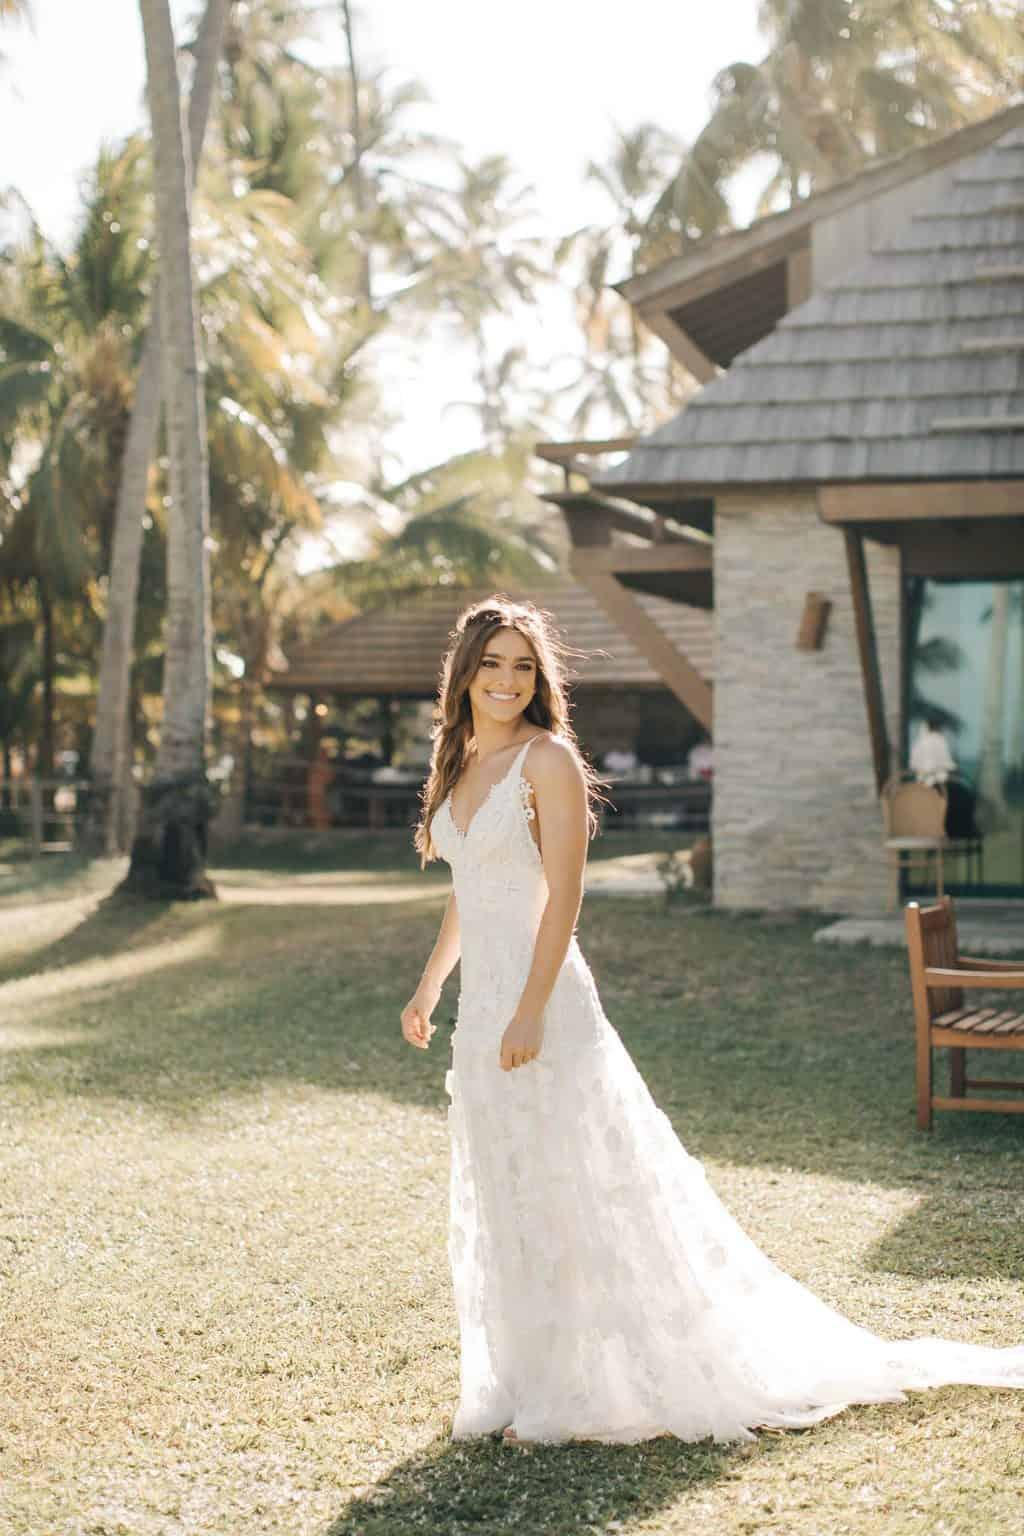 casamento-Danielle-e-Guilherme-aloha-fotografia-caseme-32-1